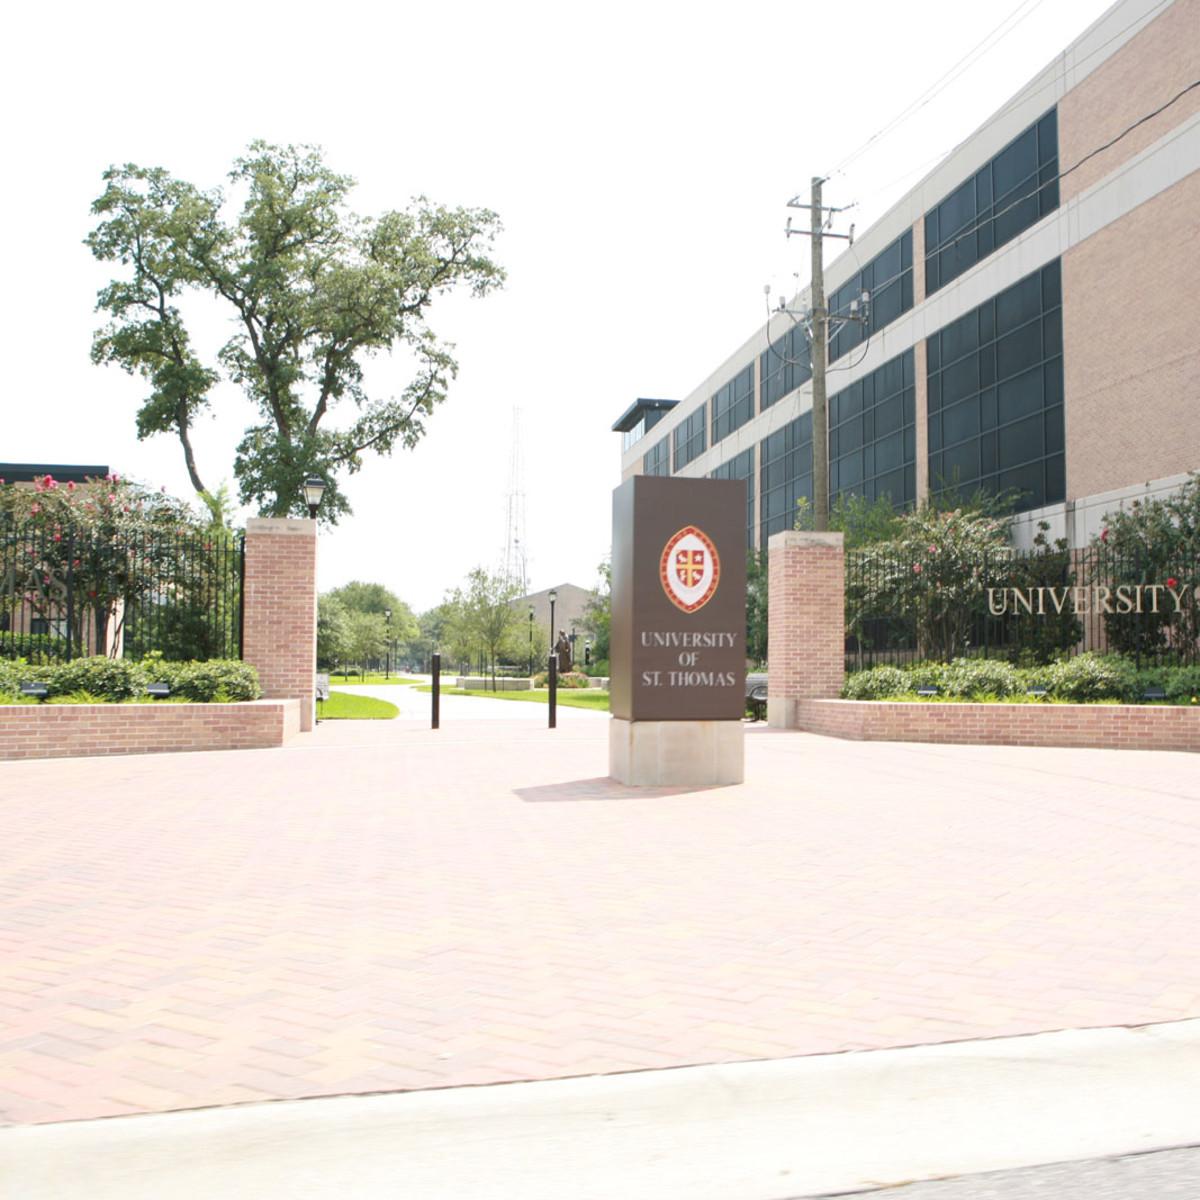 Places-Unique-University of St. Thomas-plaza-1